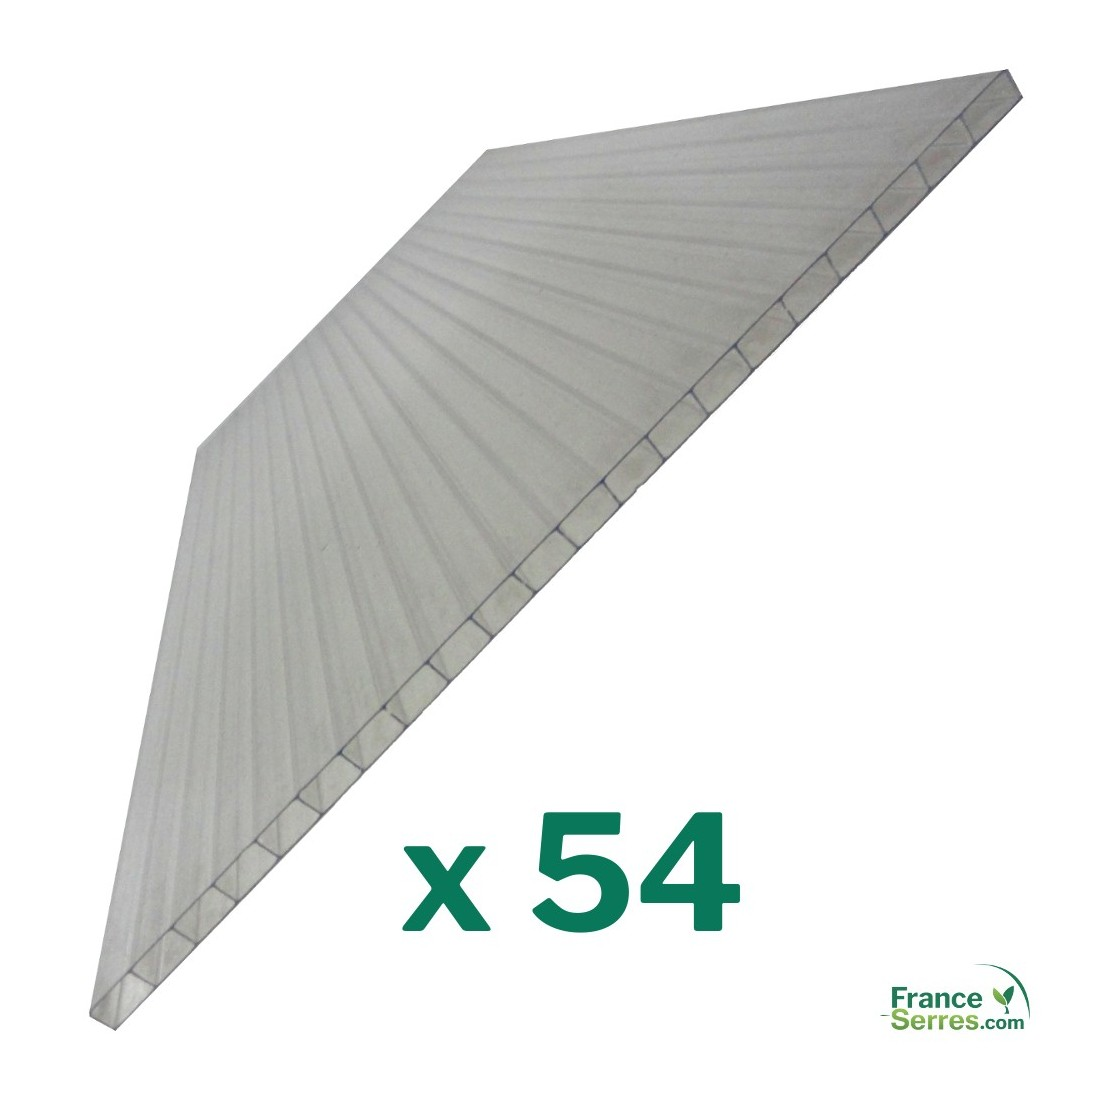 54 plaques de remplacement en polycarbonate alveolaire 4mm